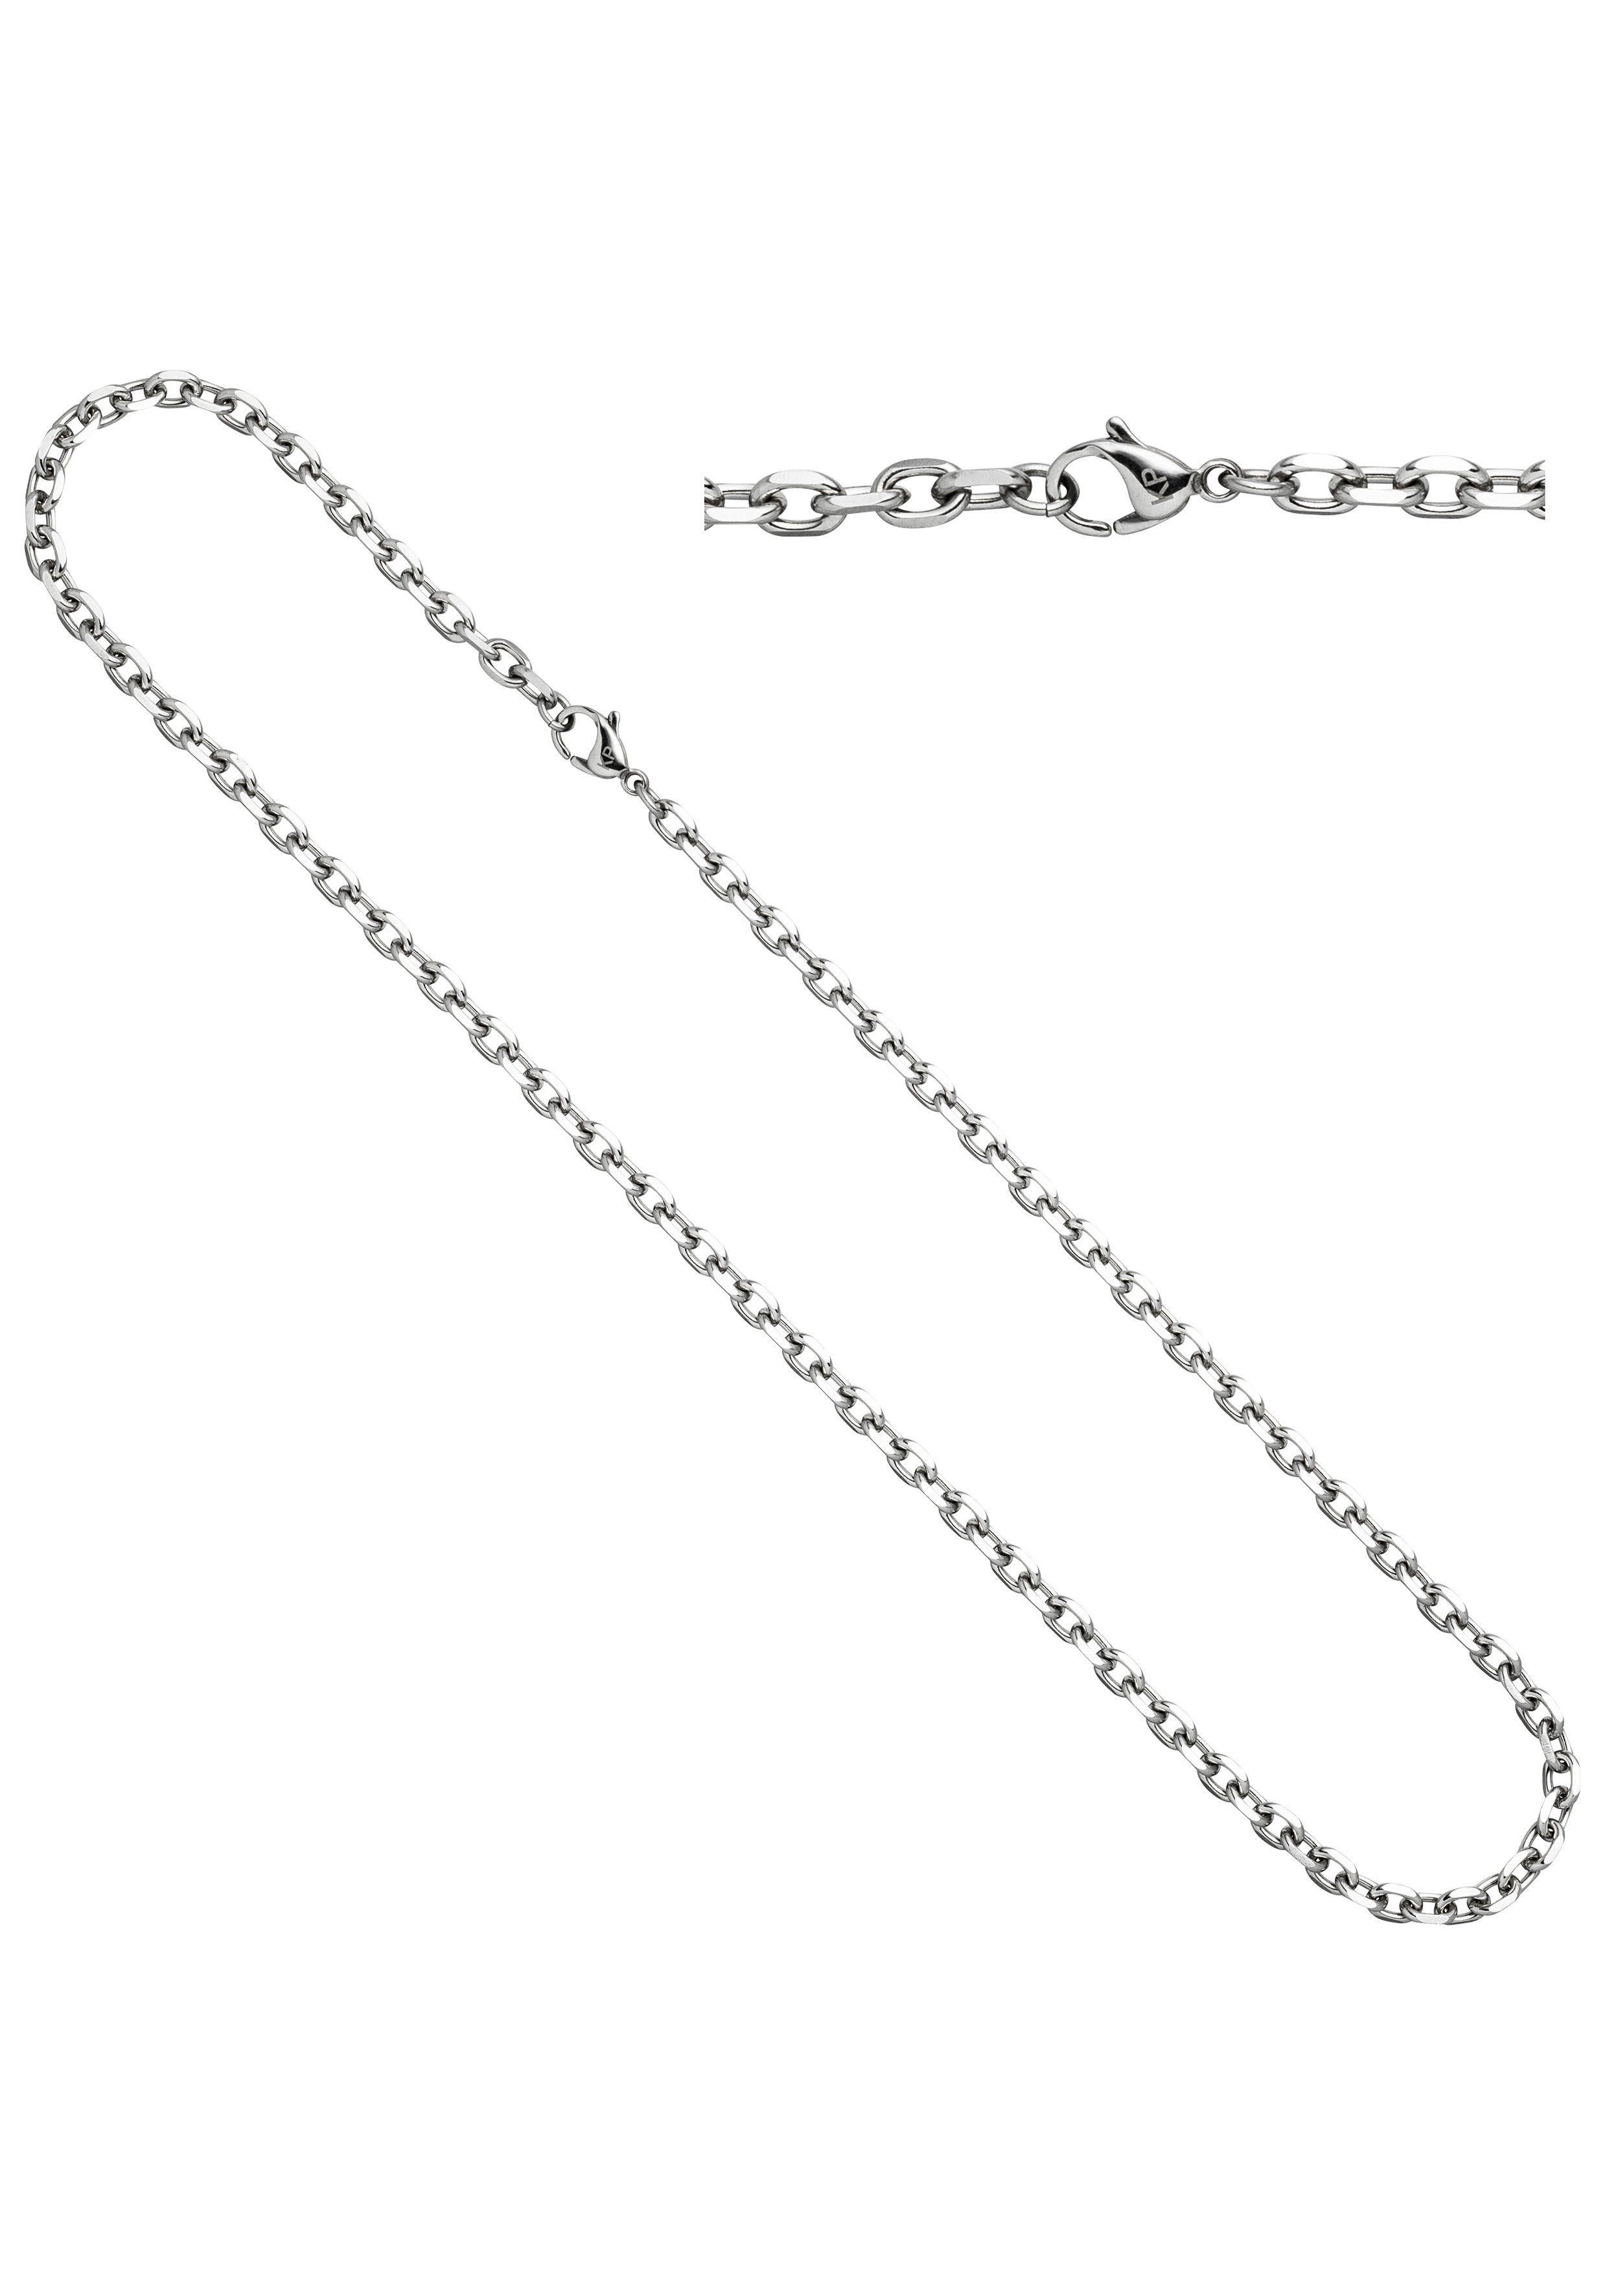 JOBO Edelstahlkette Ankerkette Edelstahl 90 cm | Schmuck > Halsketten > Edelstahlketten | JOBO